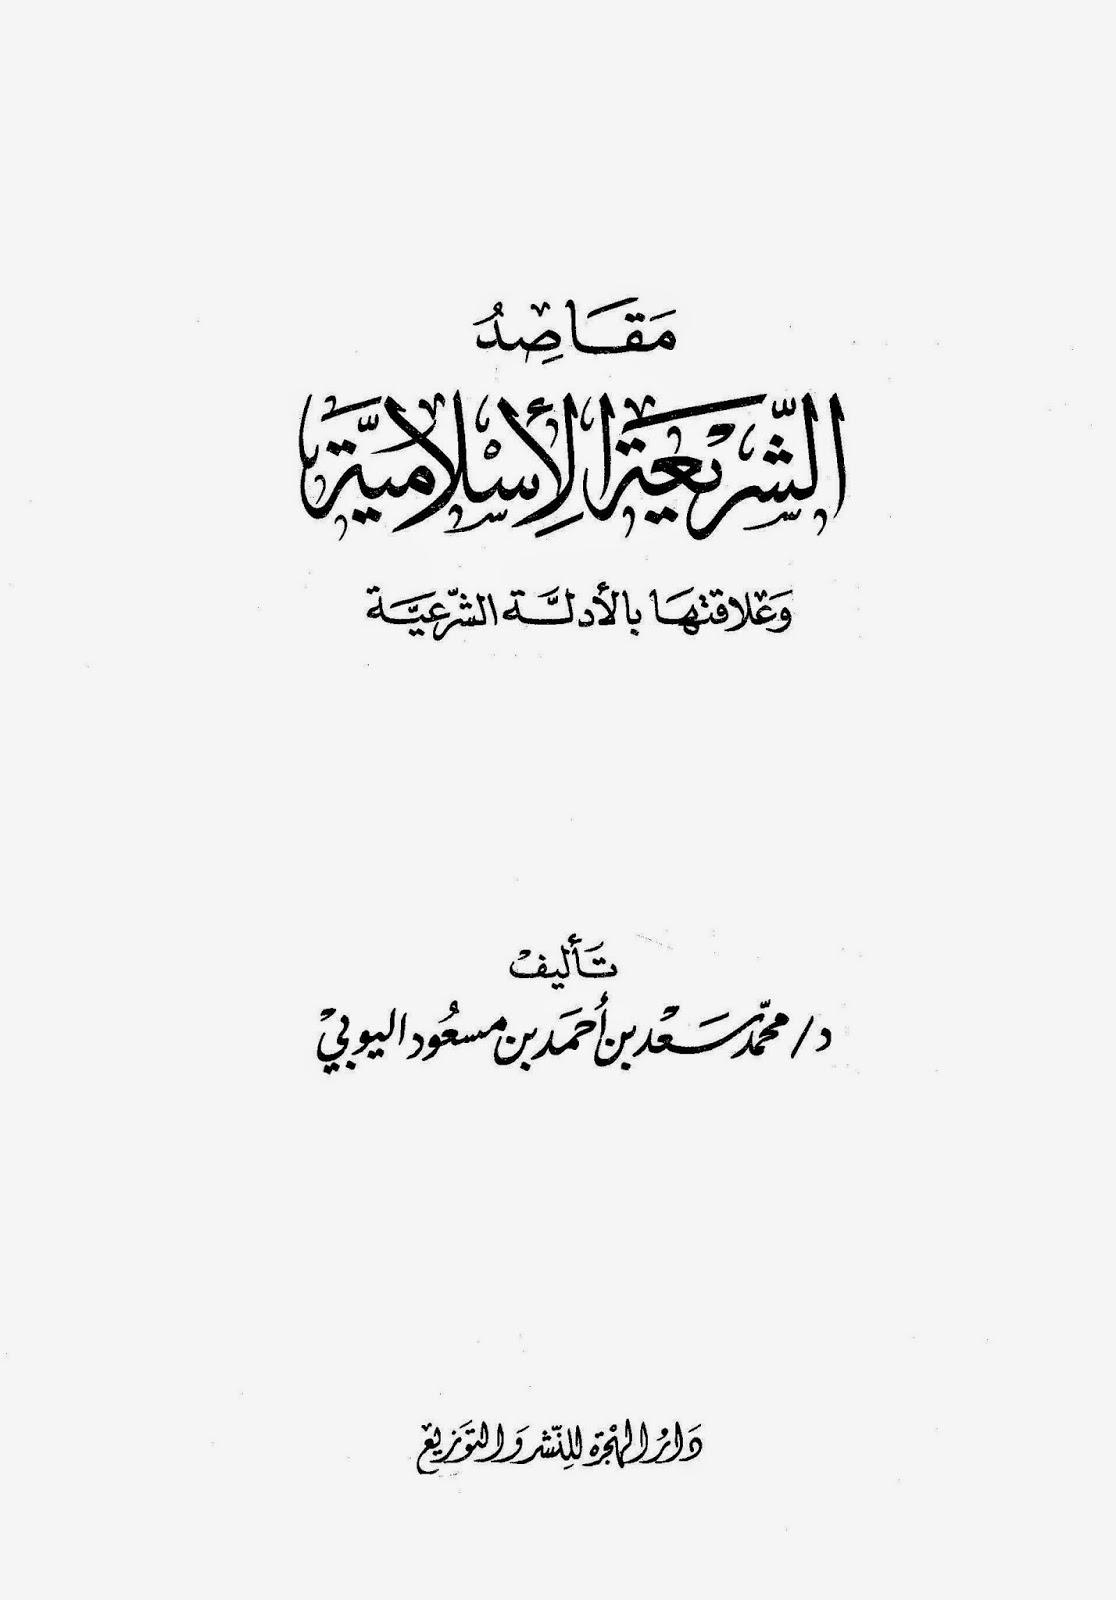 مقاصد الشريعة الإسلامية وعلاقتها بالأدلة الشرعية لـ محمد اليوبي